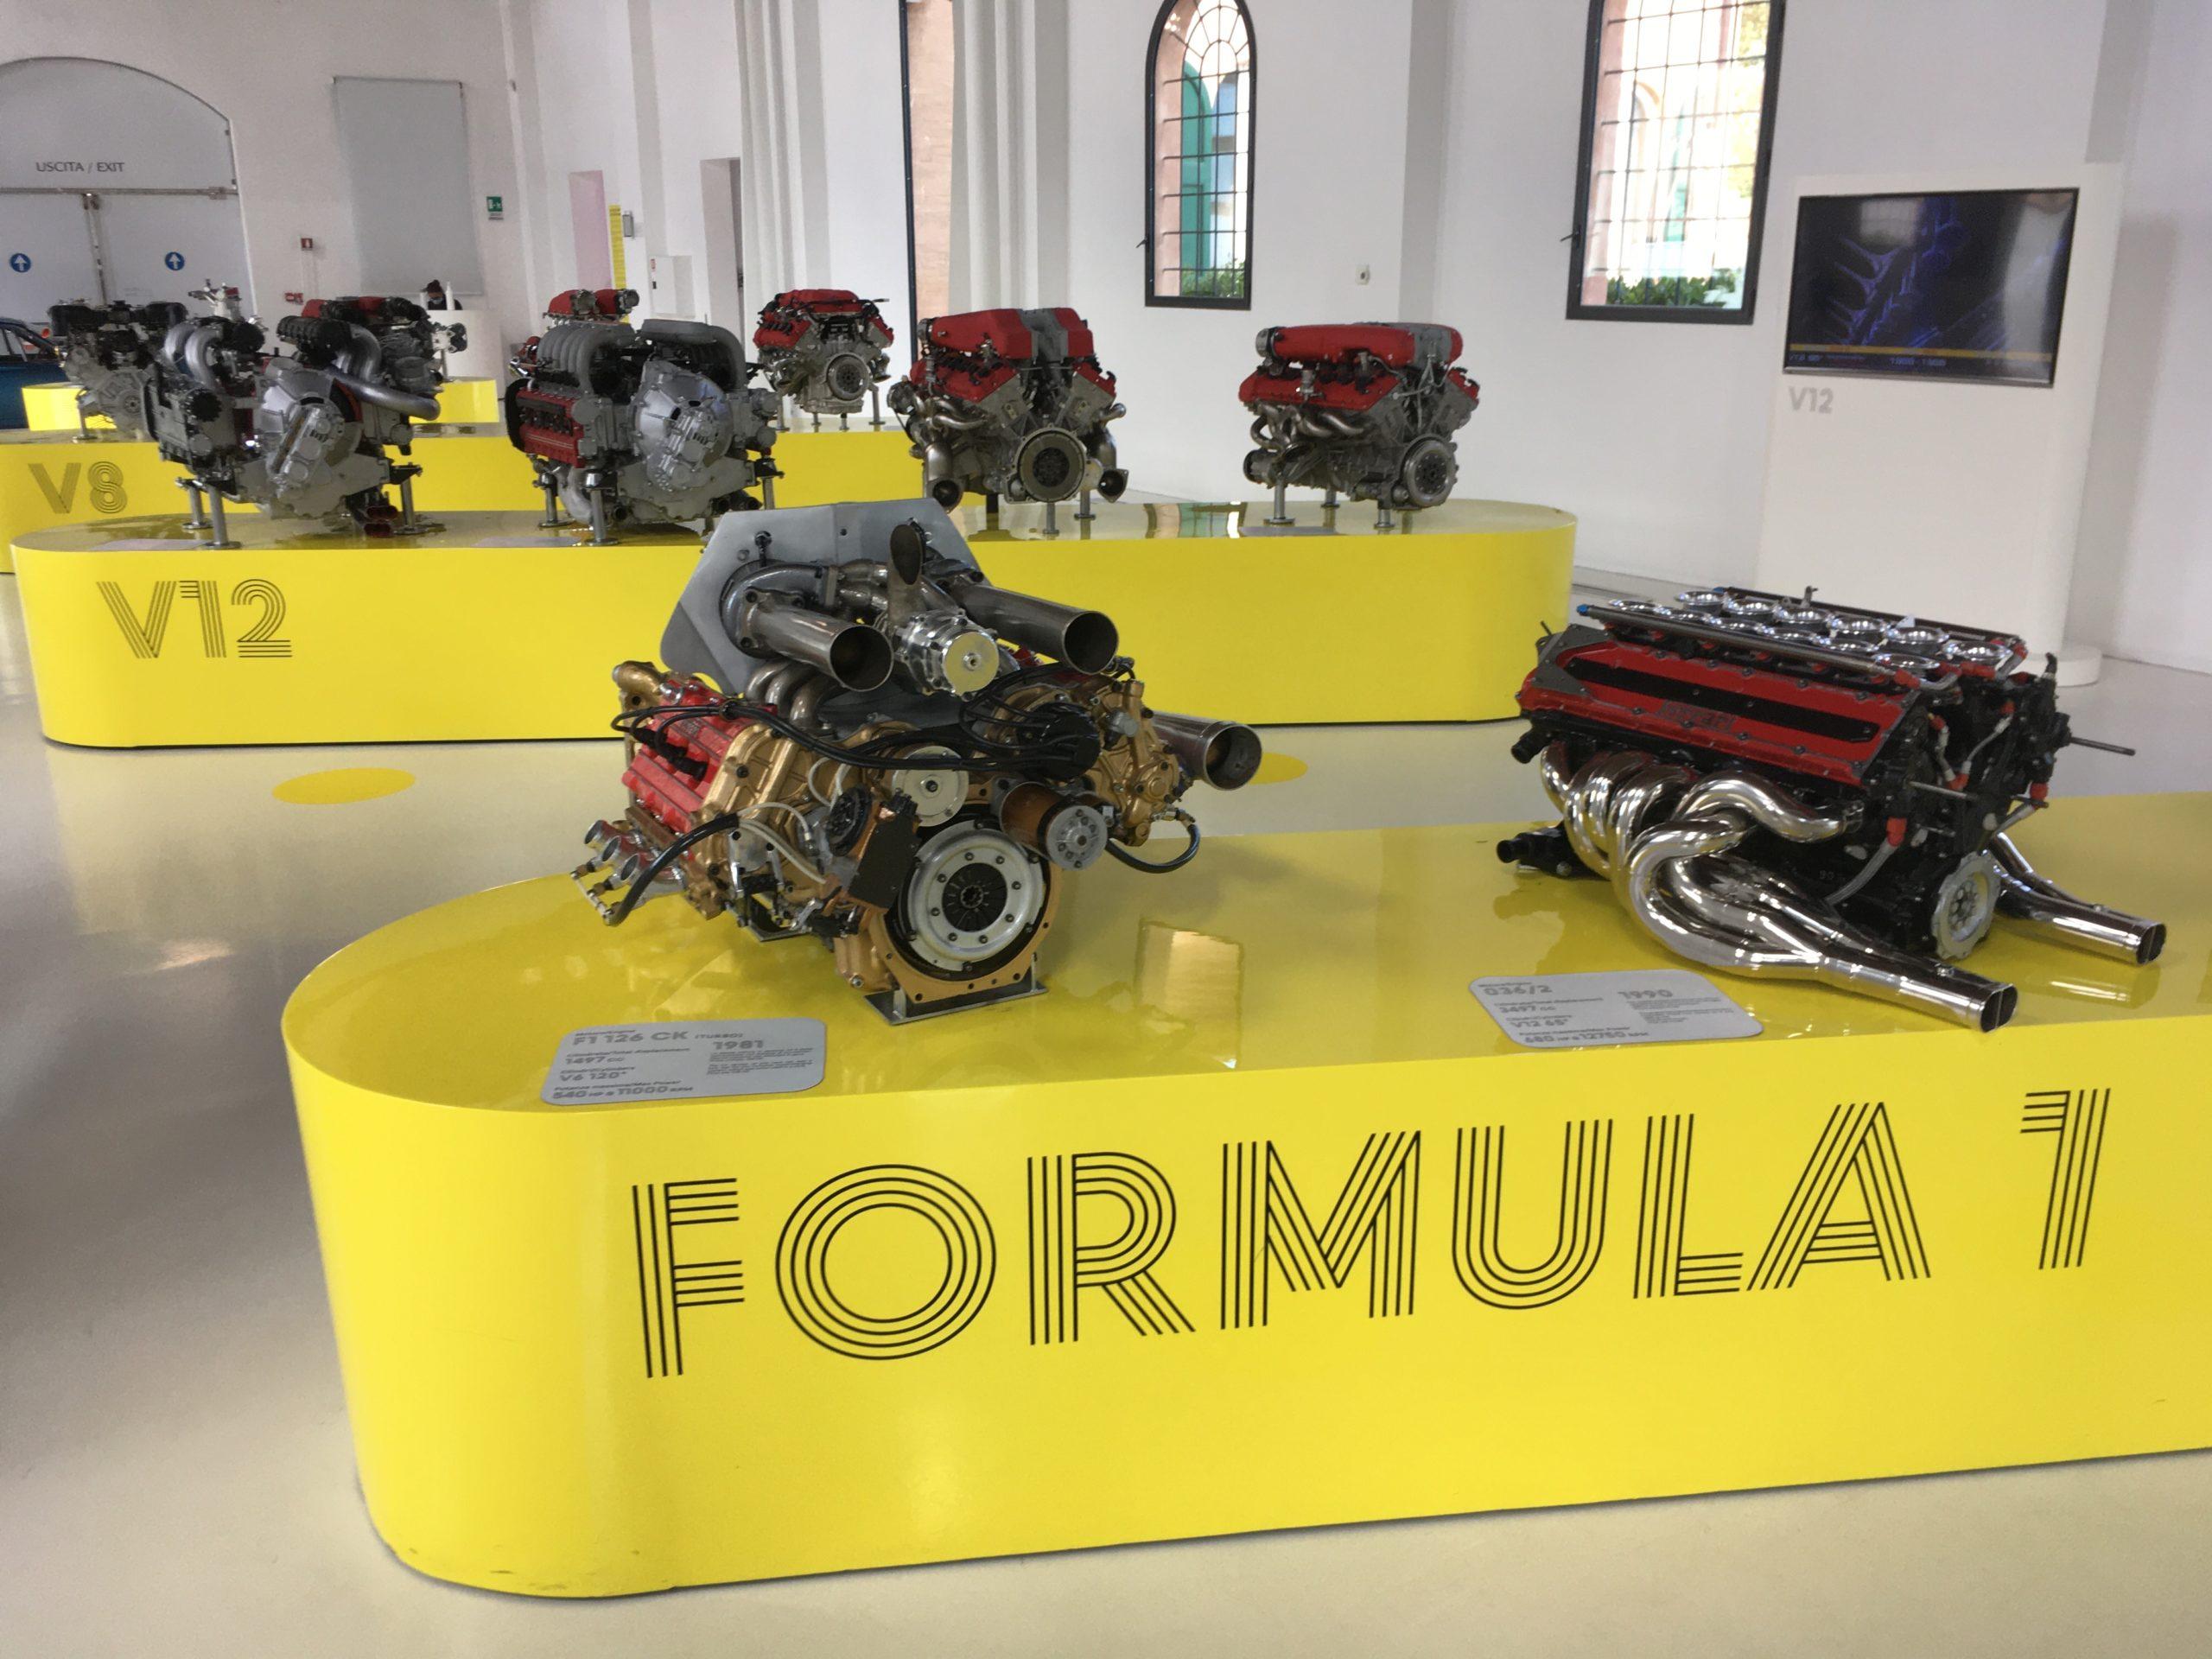 W dwóch budynkach muzeum eksponowane są auta i silniki Ferrari